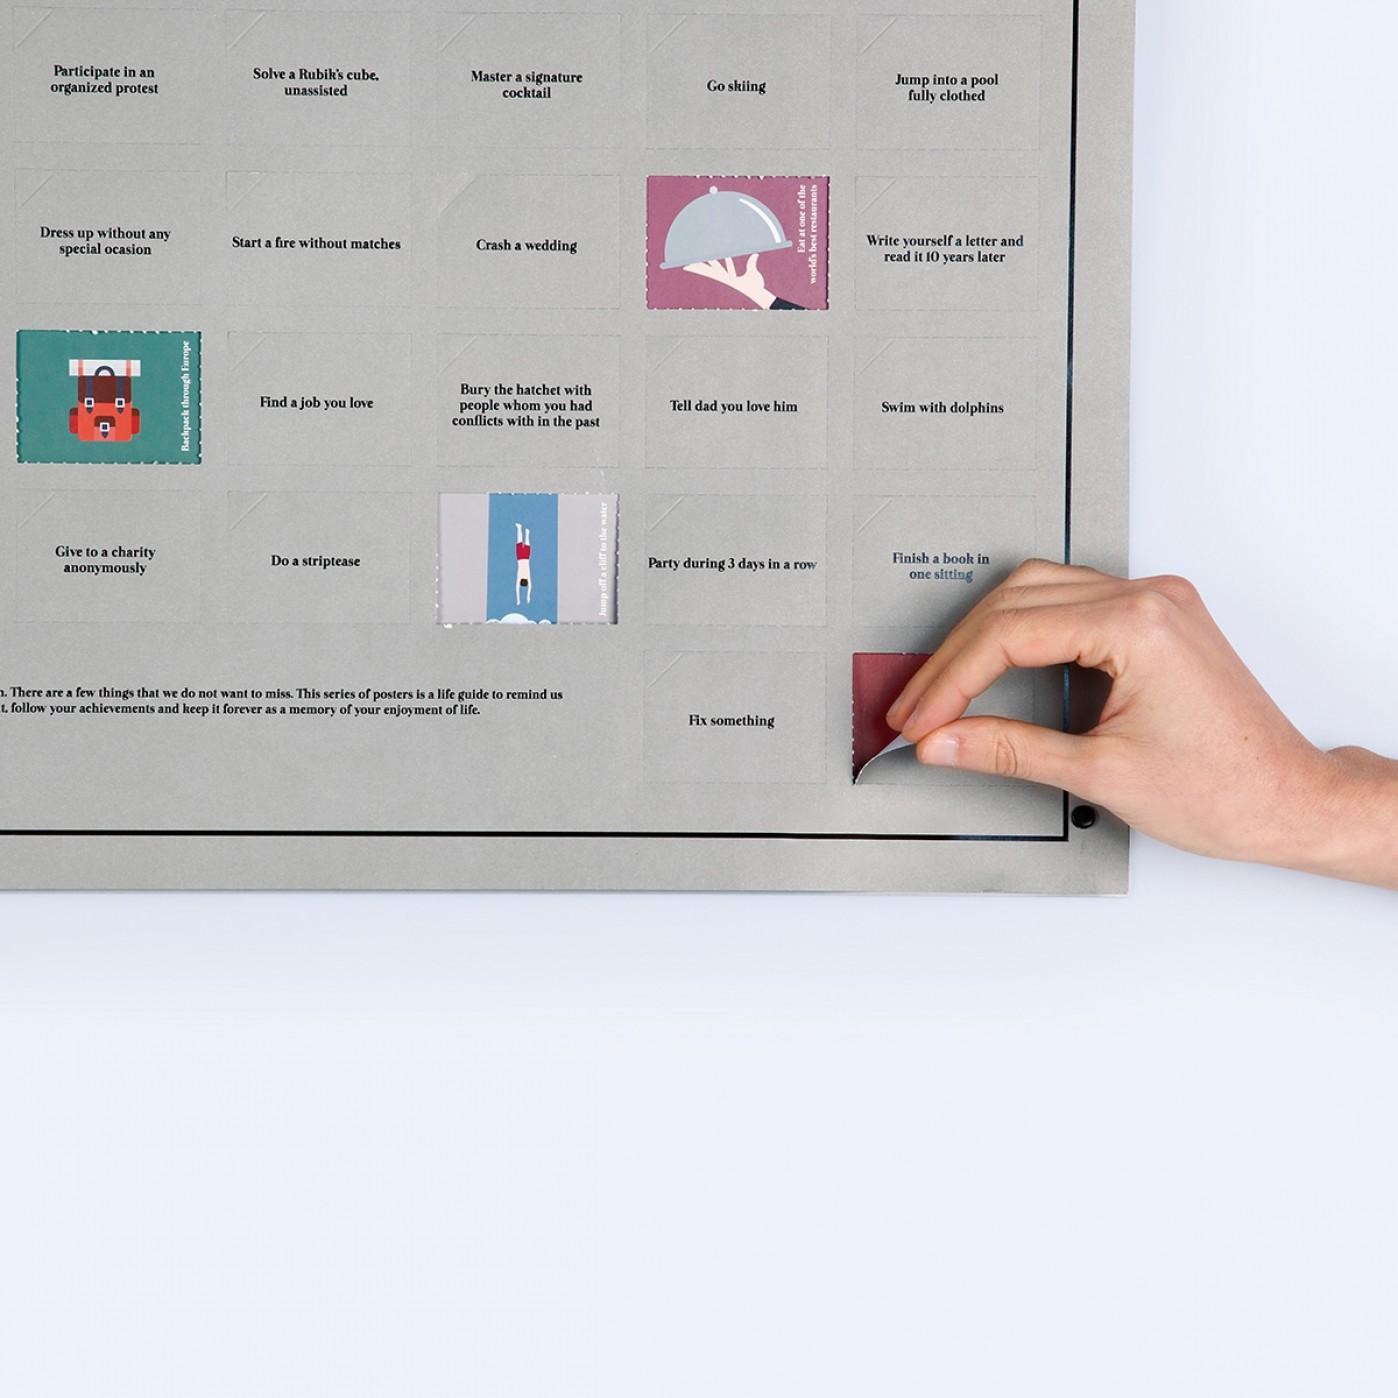 poster 100 choses que vous devez faire avant de mourir id e cadeau france. Black Bedroom Furniture Sets. Home Design Ideas